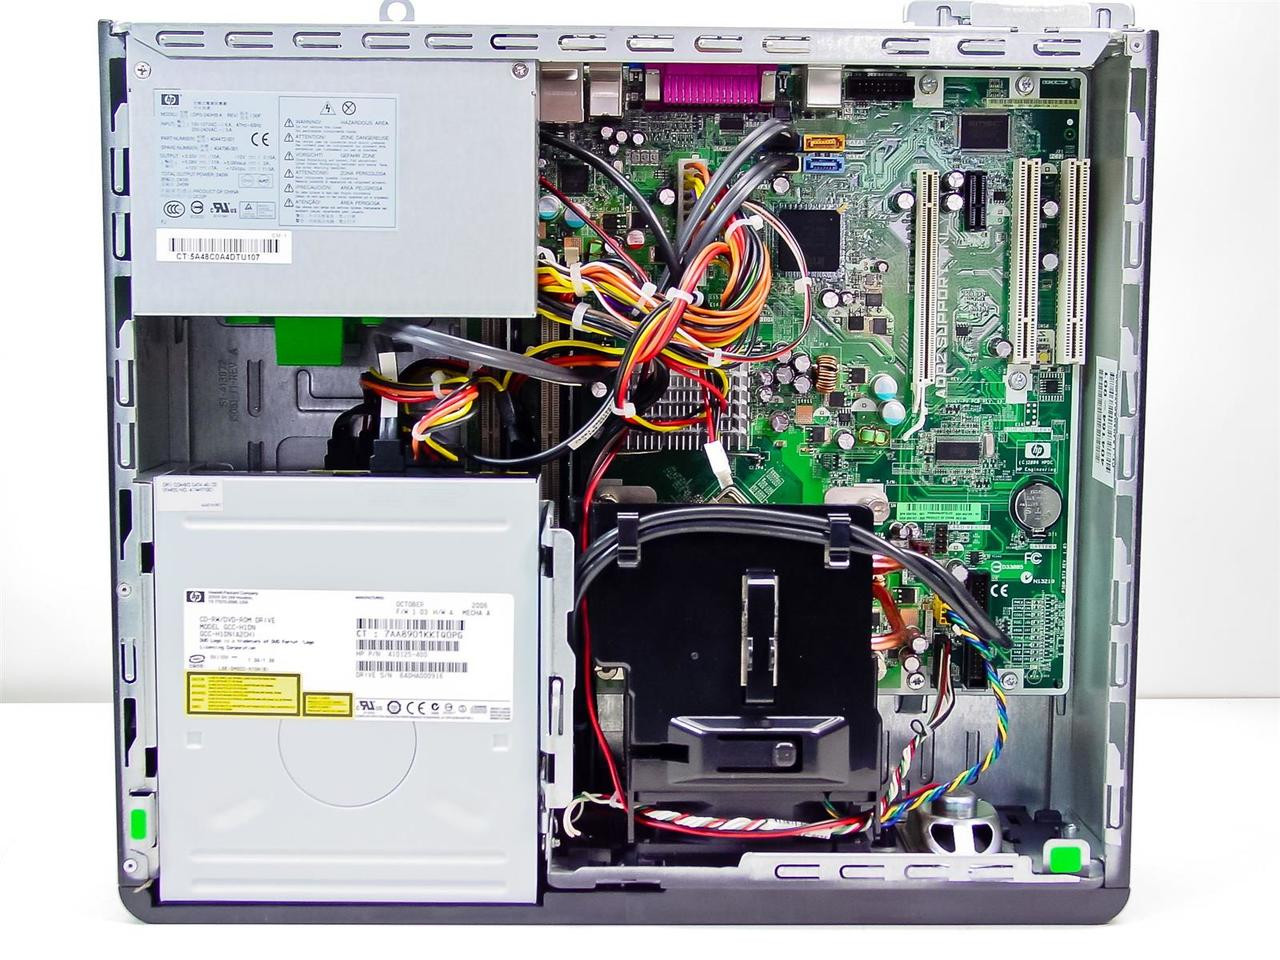 compaq dc5700 manual